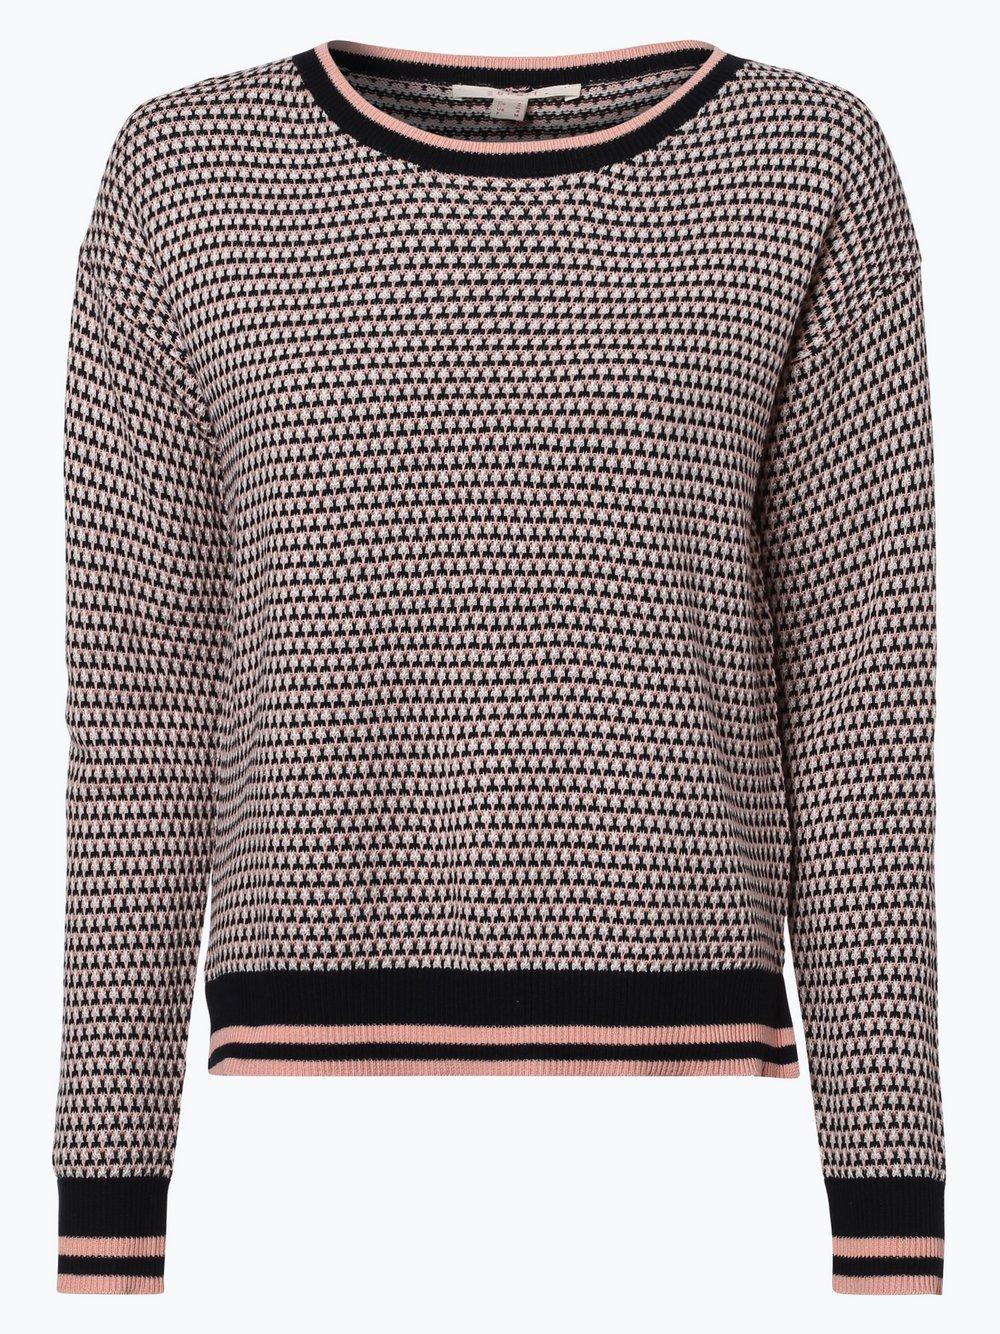 Esprit Casual Damen Pullover online kaufen | PEEK UND